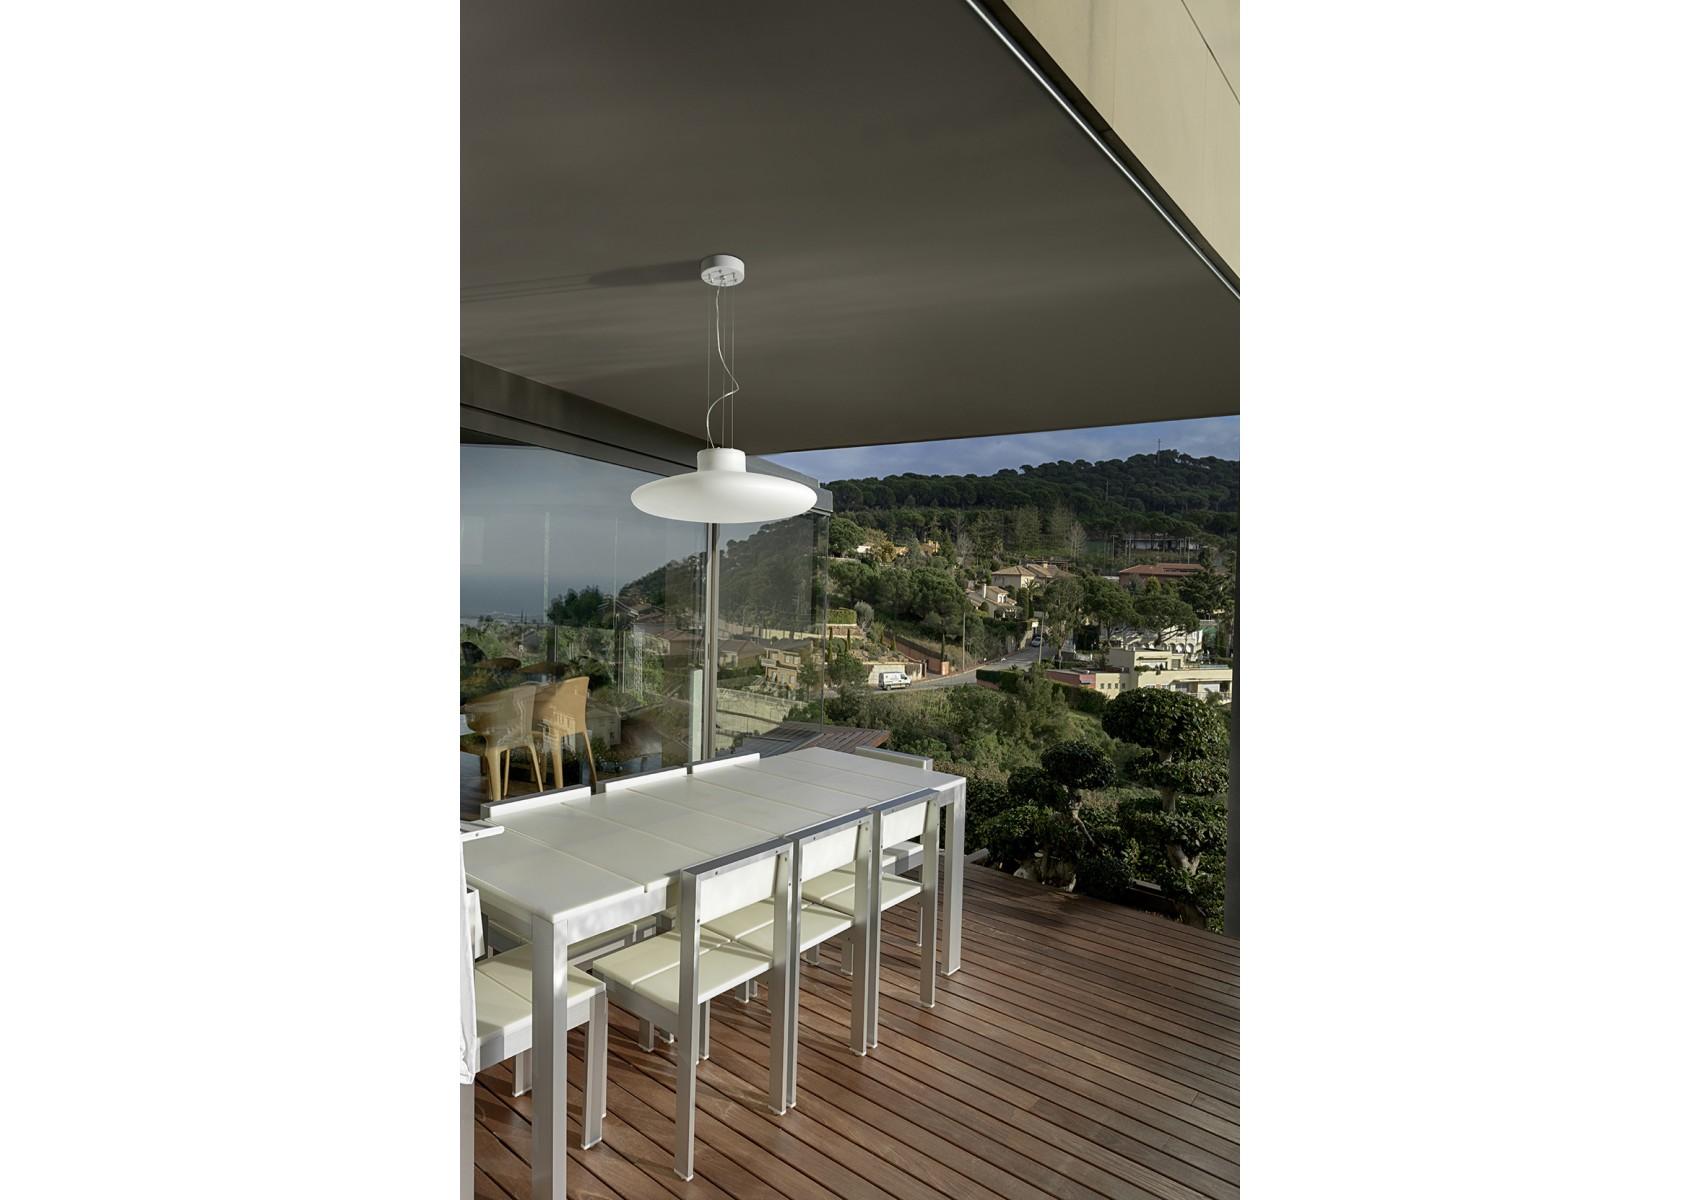 suspension de jardin kap r glable en hauteur de chez leds c4. Black Bedroom Furniture Sets. Home Design Ideas